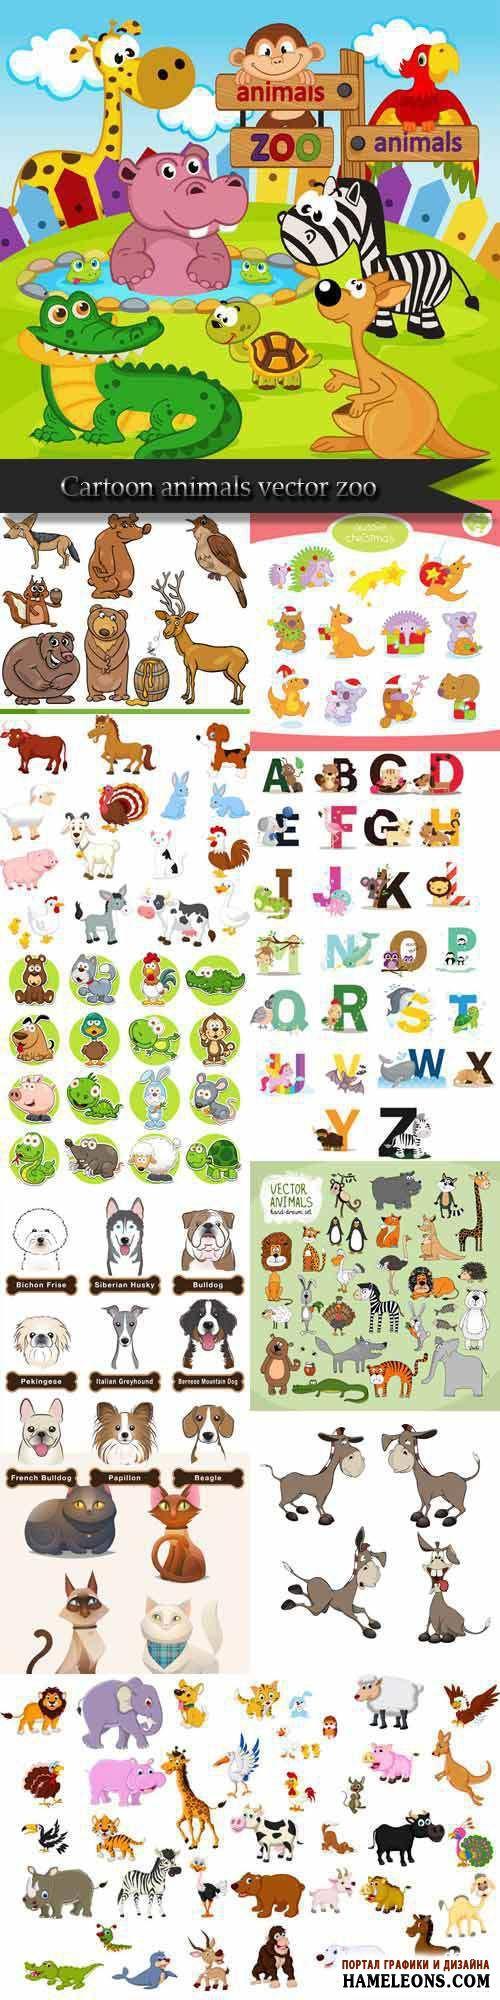 Животные, алфавит с животными - большая коллекция в векторе | Cartoon animals vector